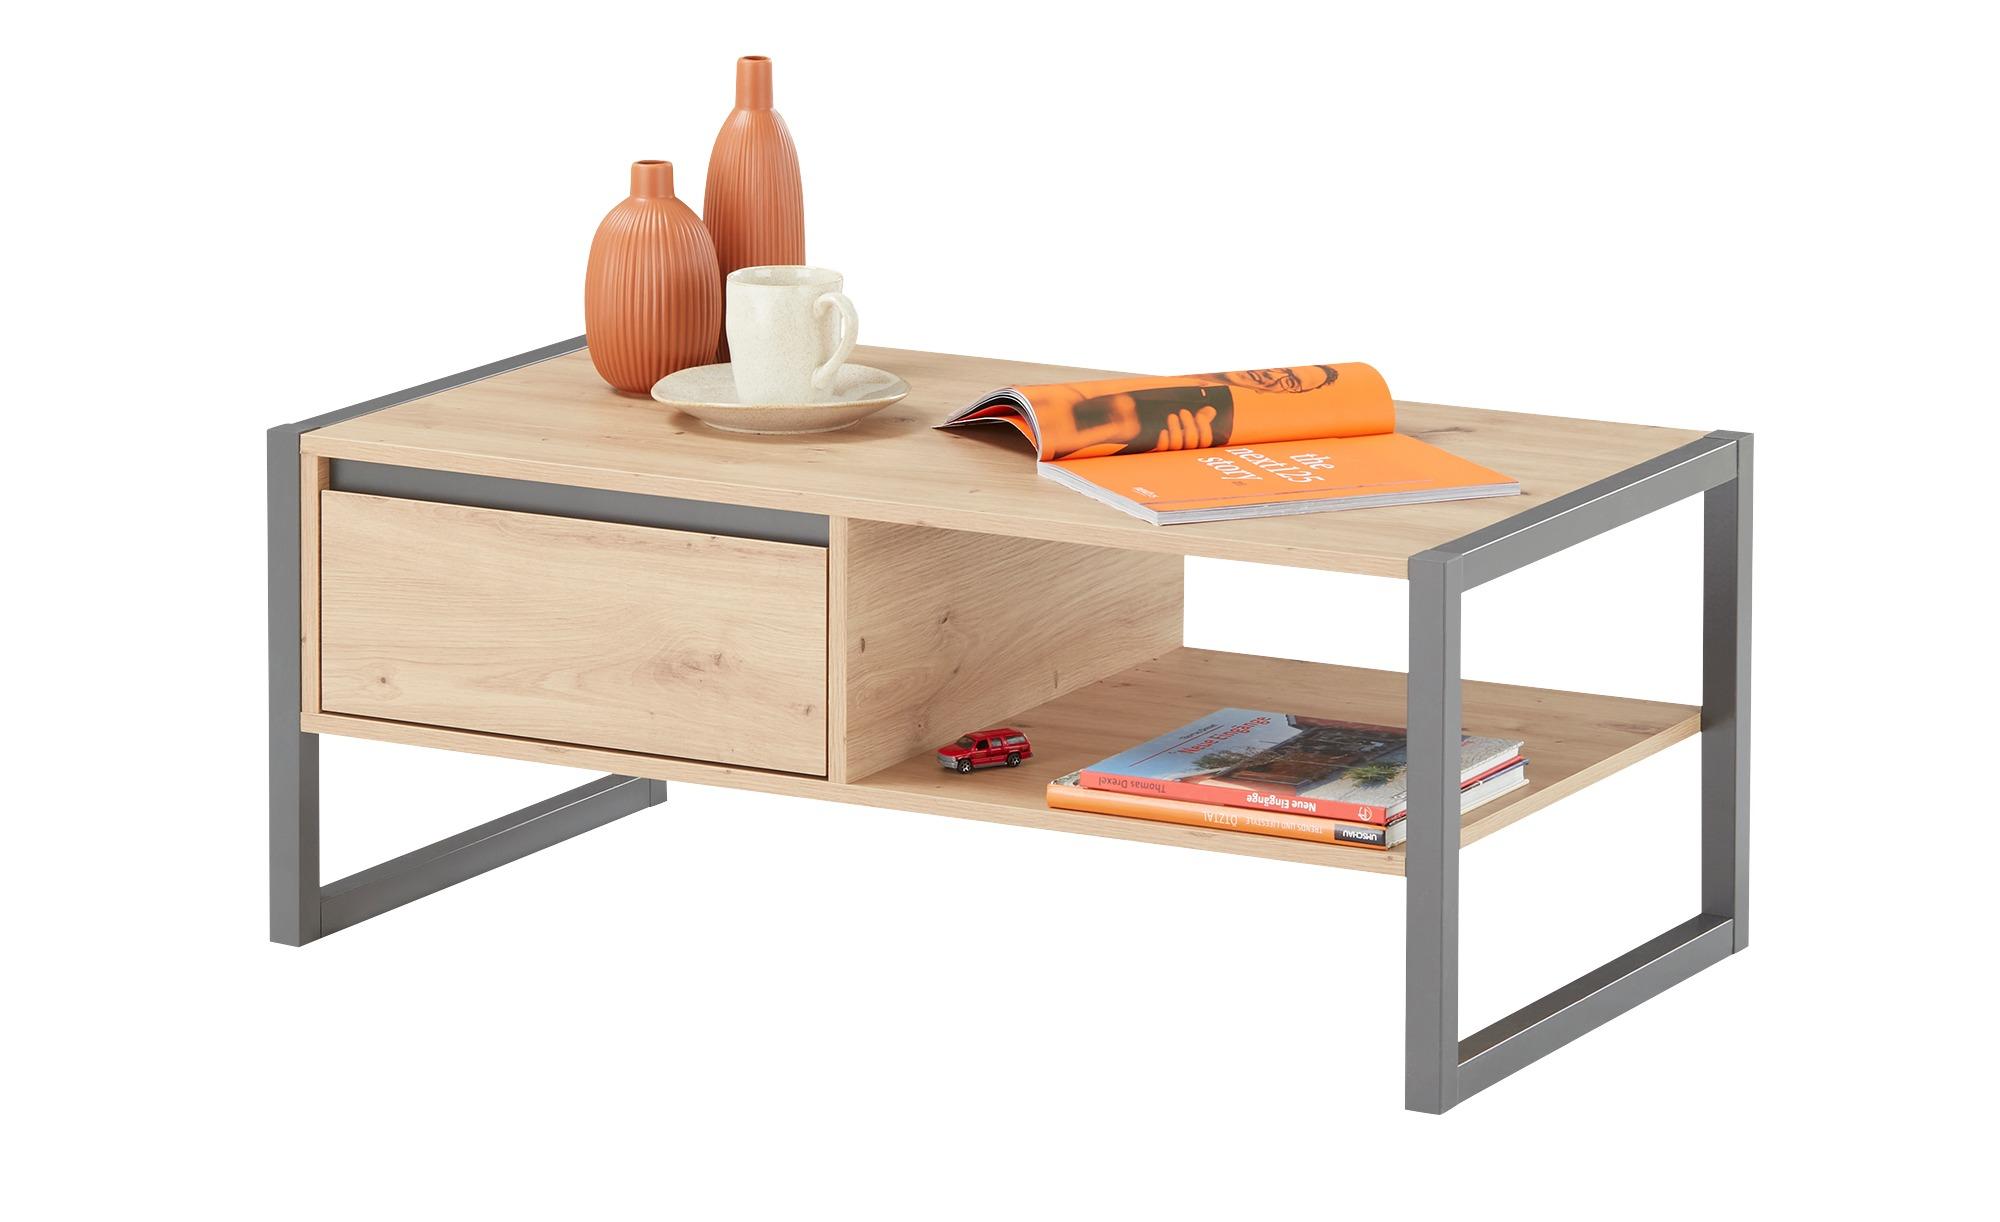 Couchtisch  Fiano ¦ holzfarben ¦ Maße (cm): B: 55 H: 40 Tische > Couchtische > Couchtische rechteckig - Höffner